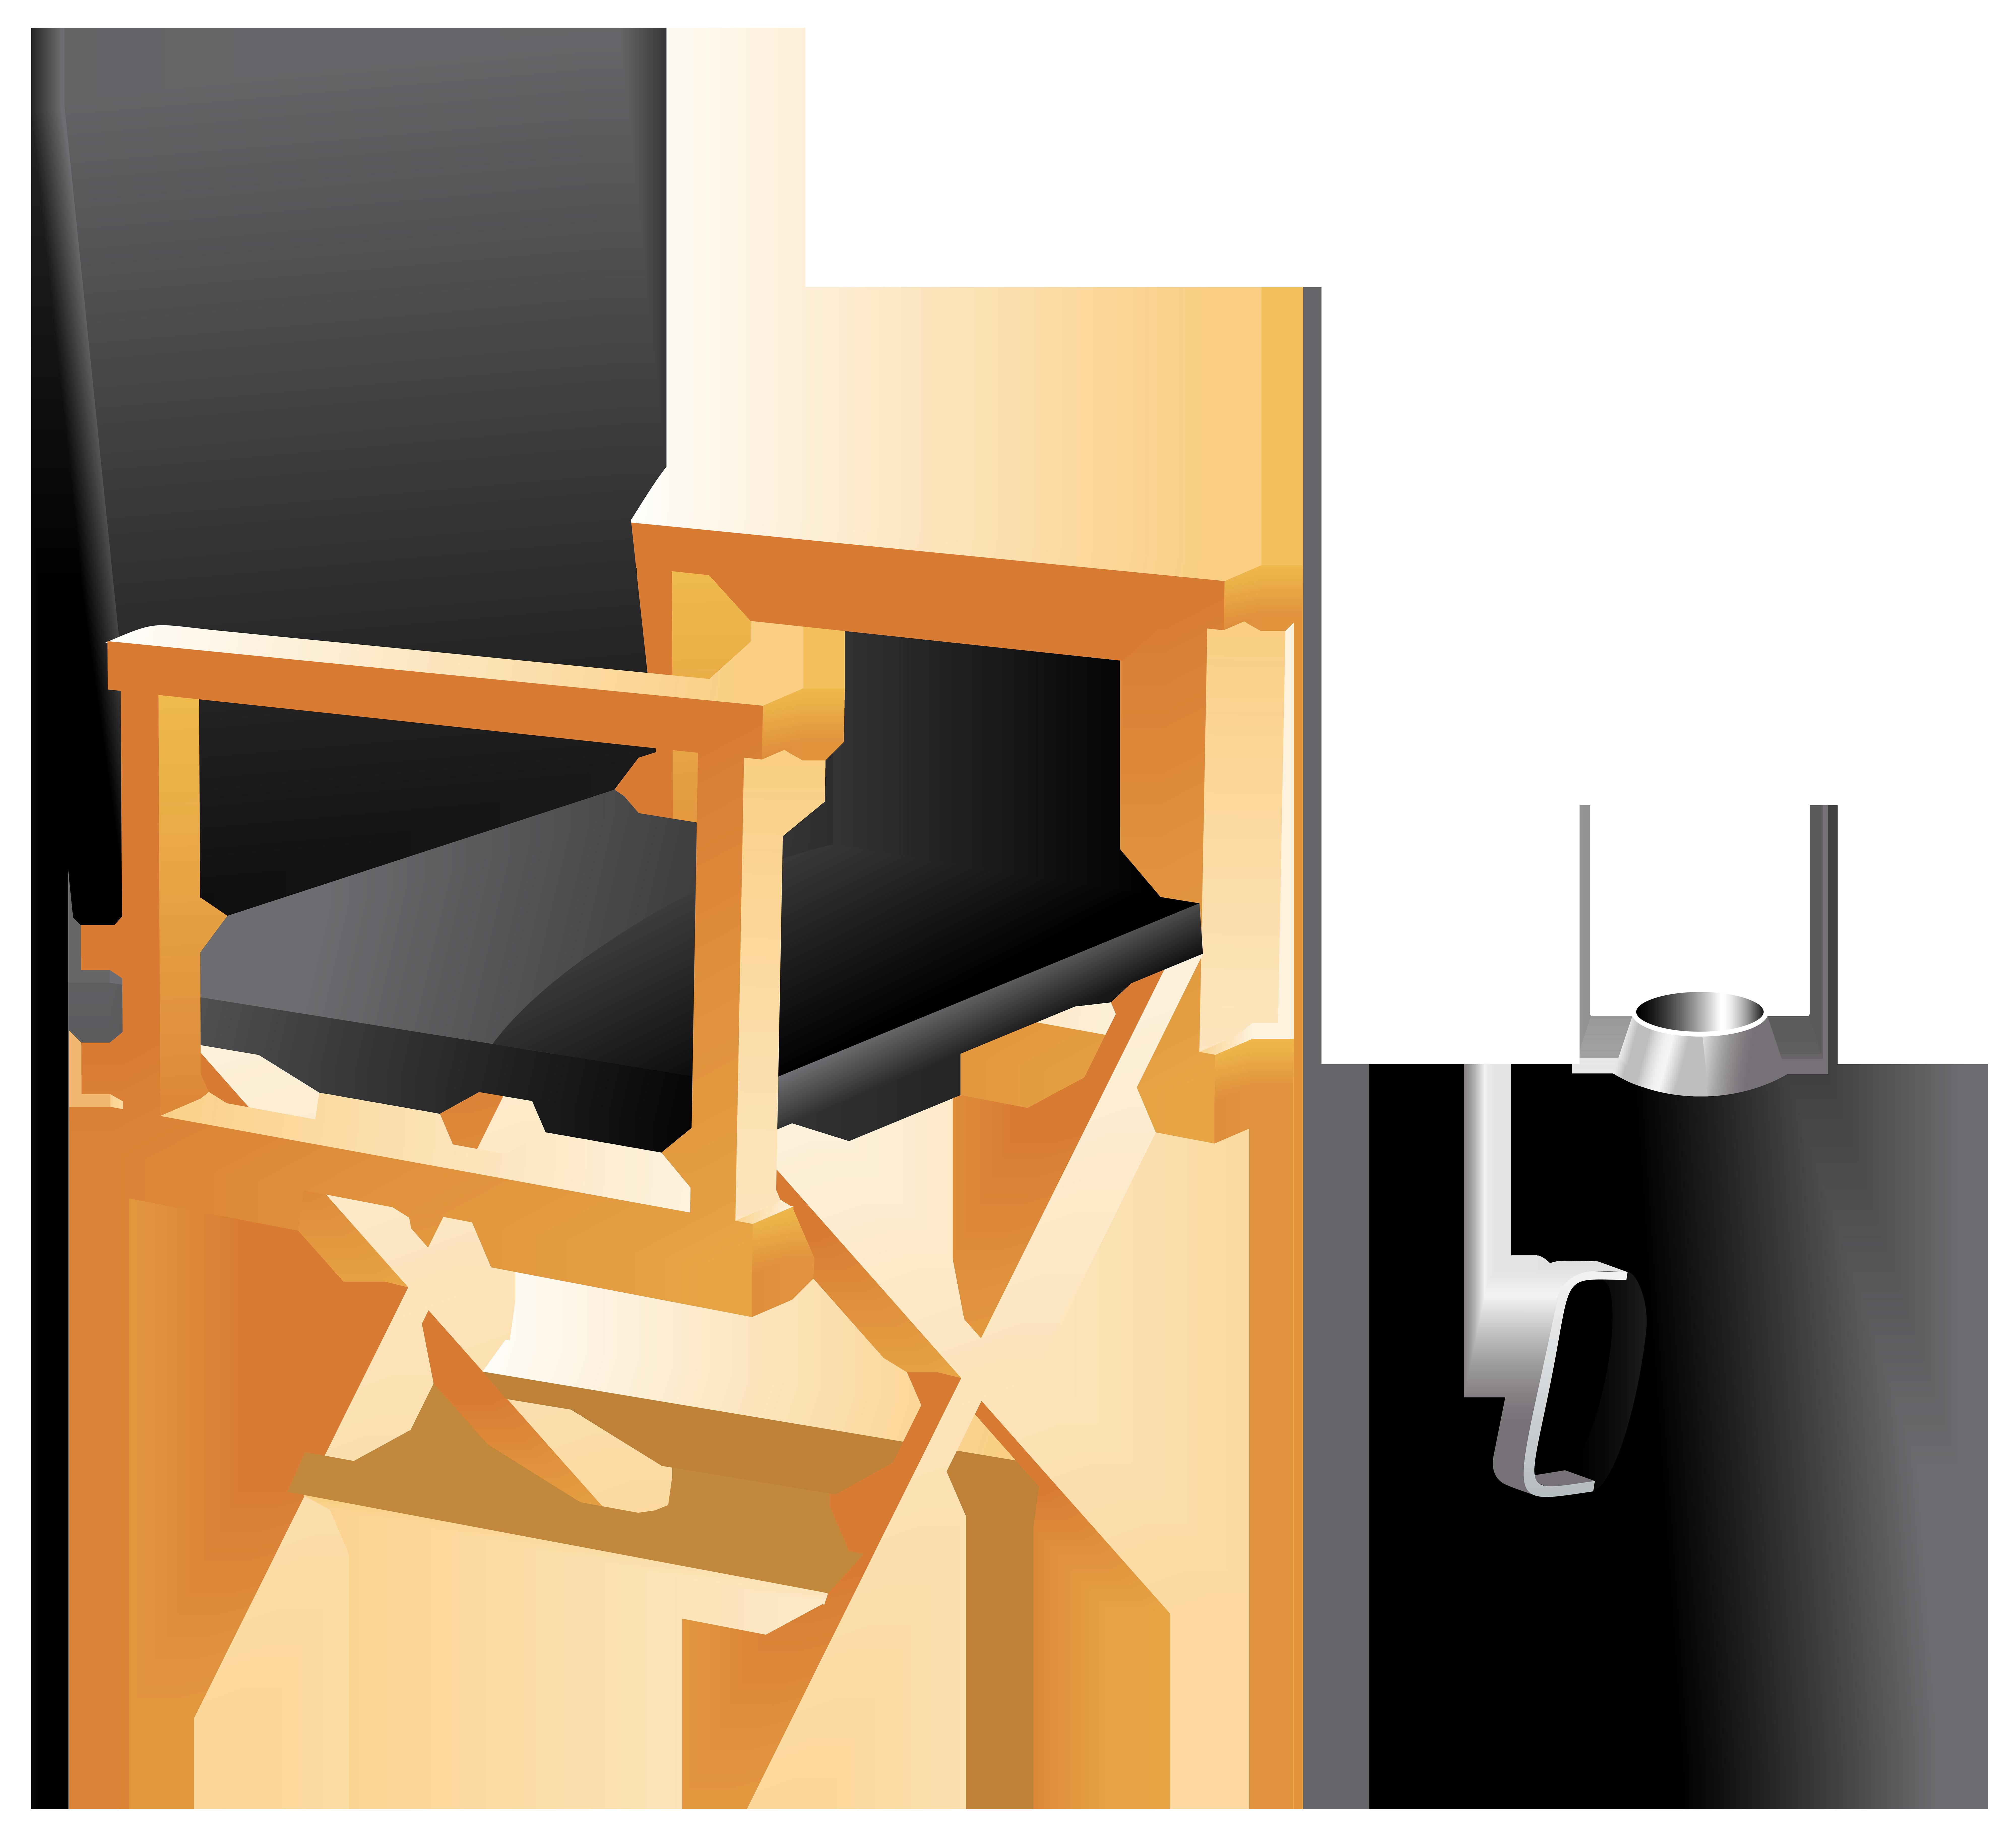 8000x7289 Directors Chair And Megaphone Png Clip Art